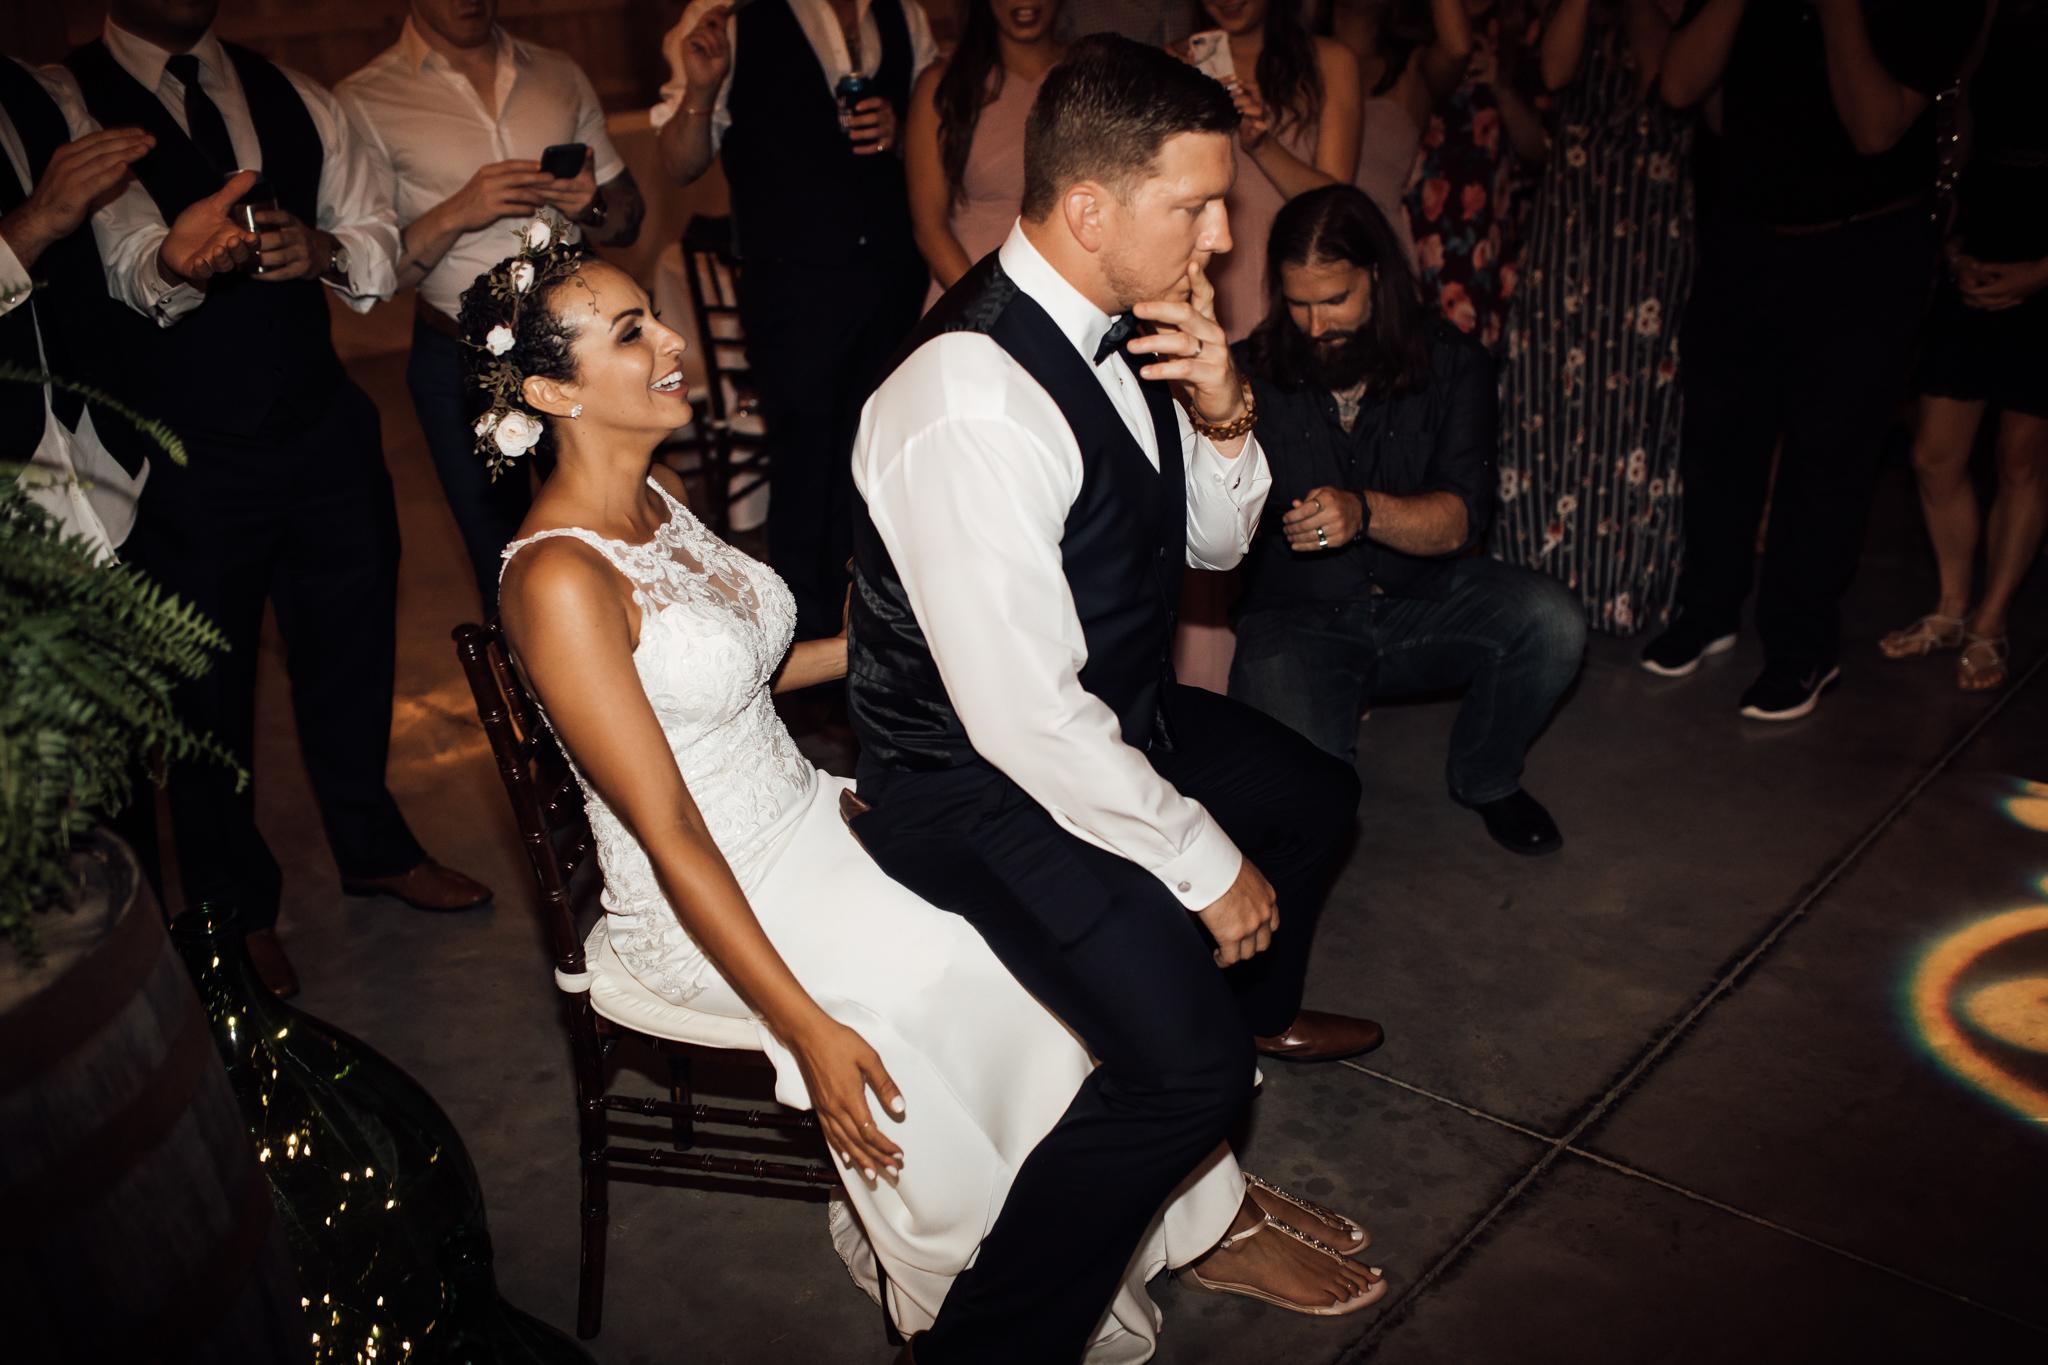 saddlewoodsfarms-nashville-wedding-photographer-thewarmtharoundyou-rustic-wedding (90 of 251).jpg